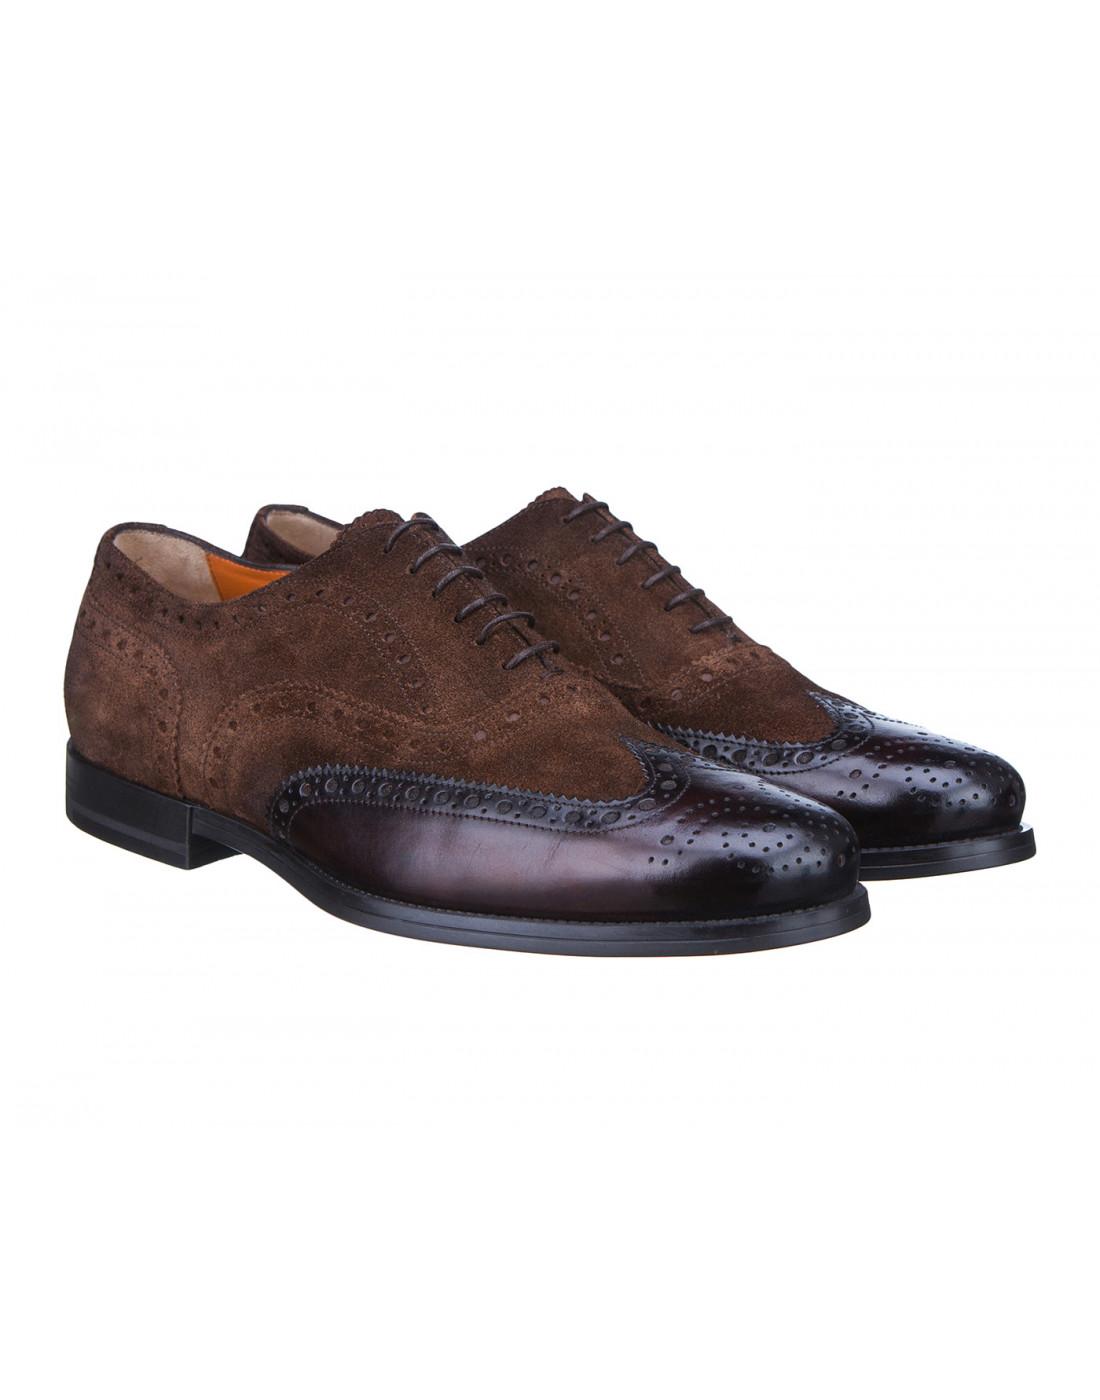 Туфли коричневые мужские Santoni S15752 - 50-2